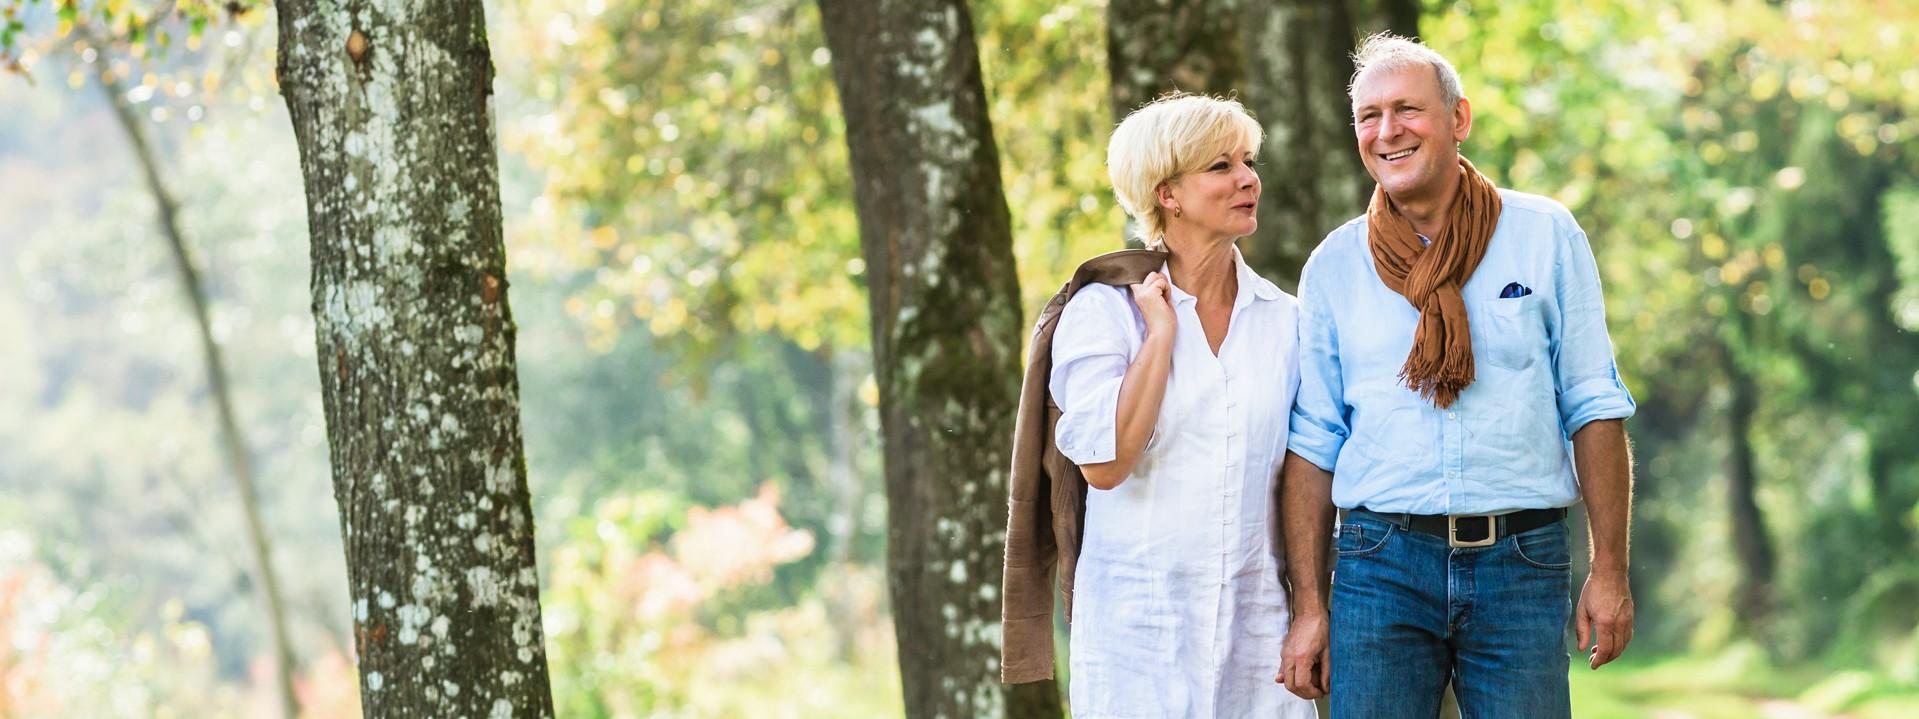 Mann und Frau gehen im Wald spazieren